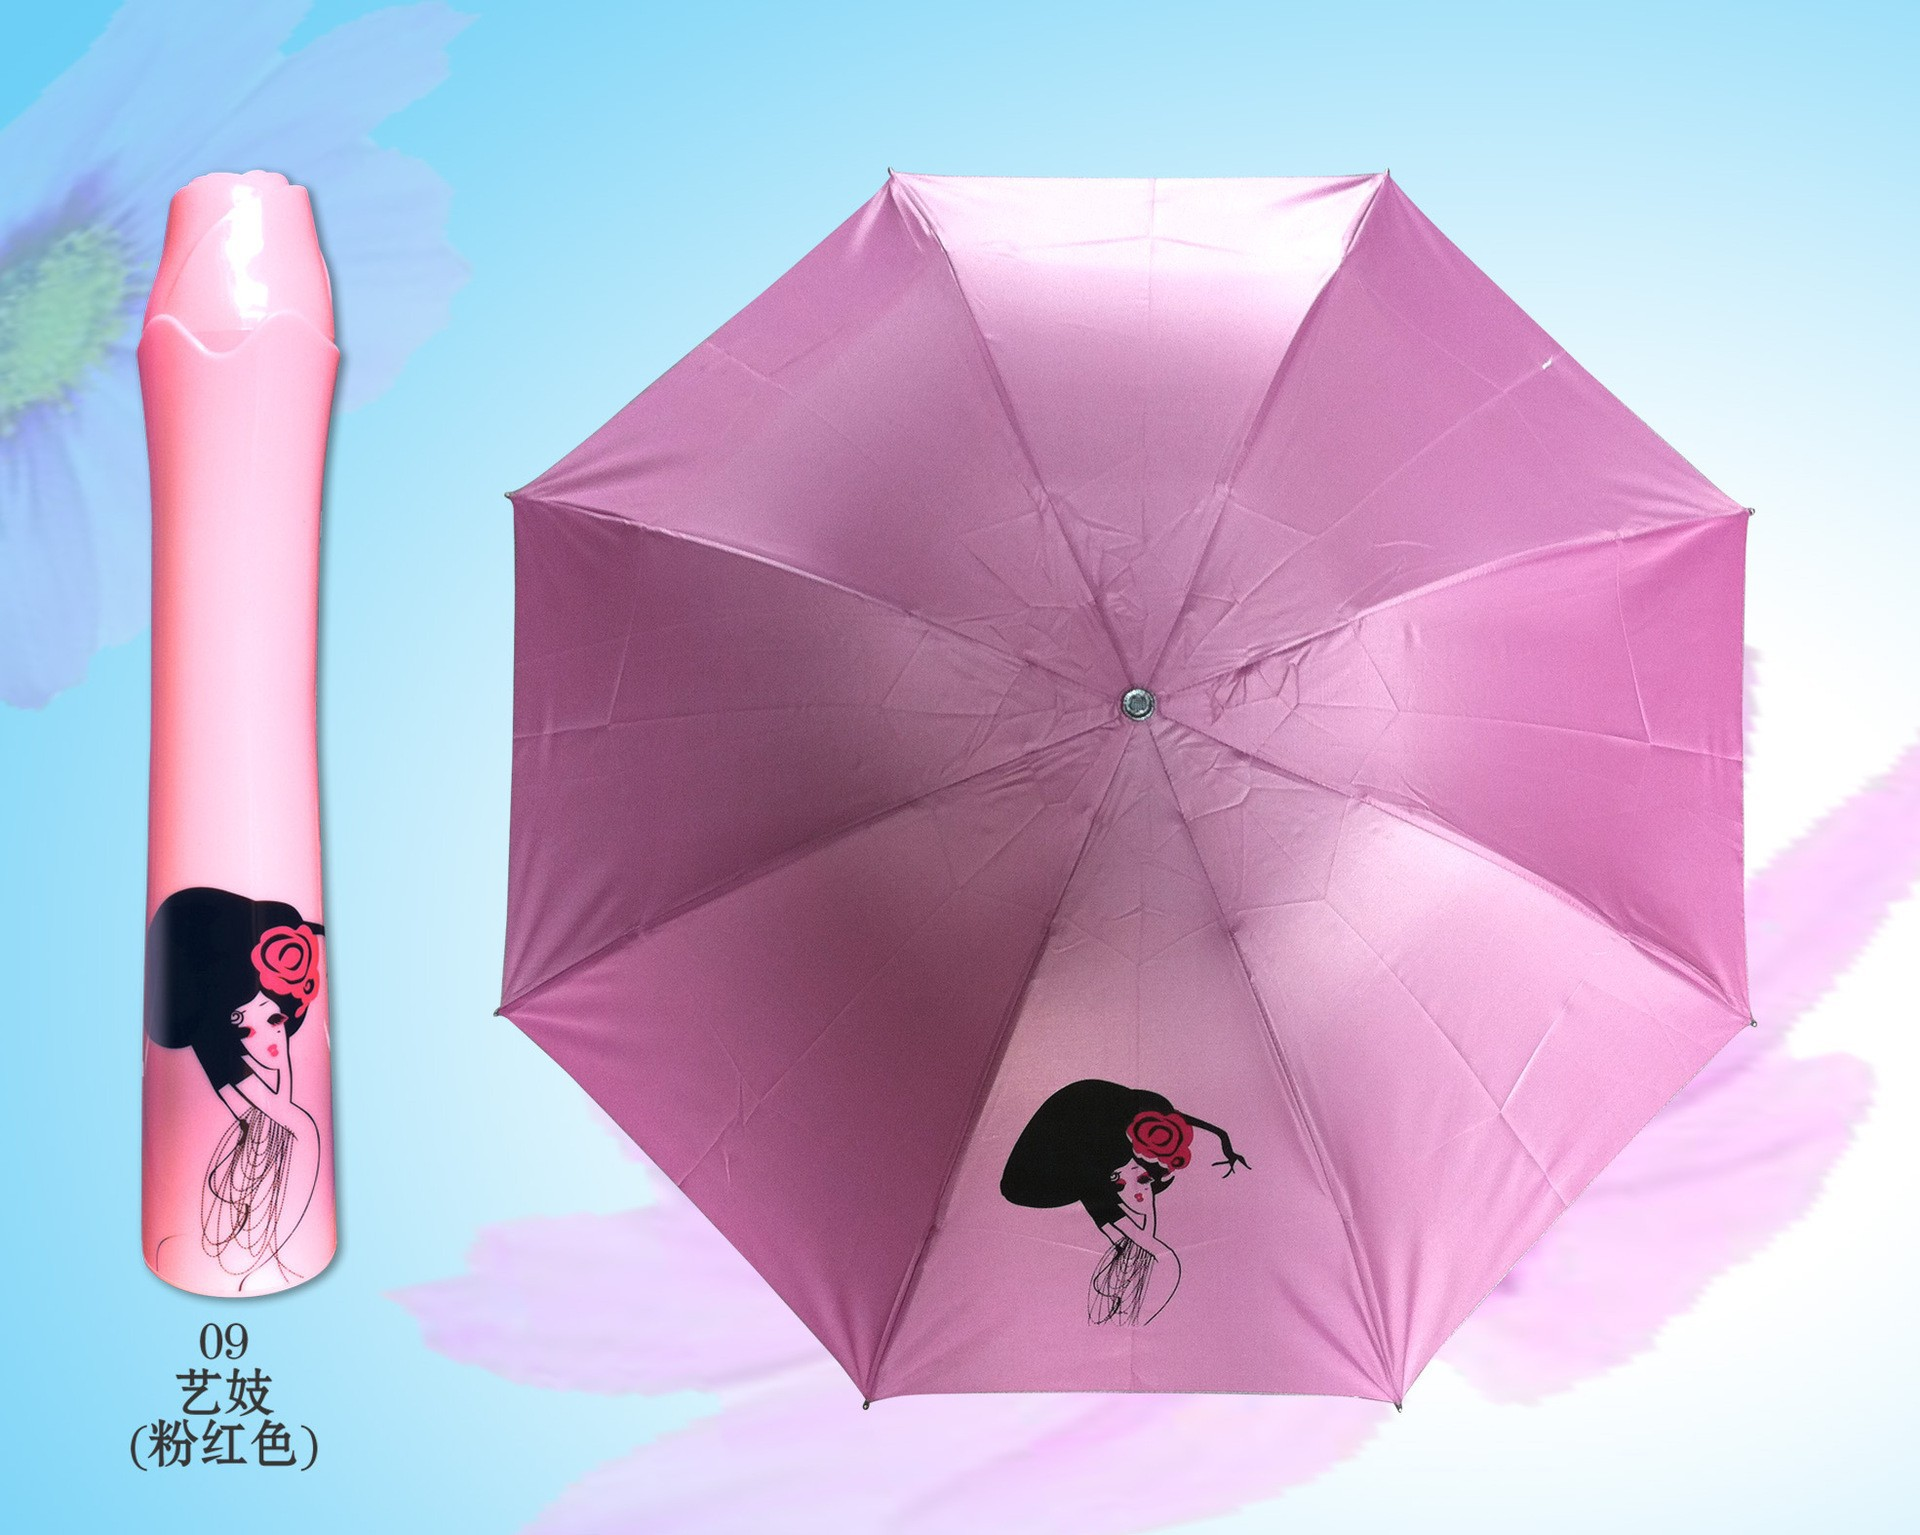 这不只是一个漂亮的瓶子,打开瓶子的上端拉出来就是一把漂亮的伞